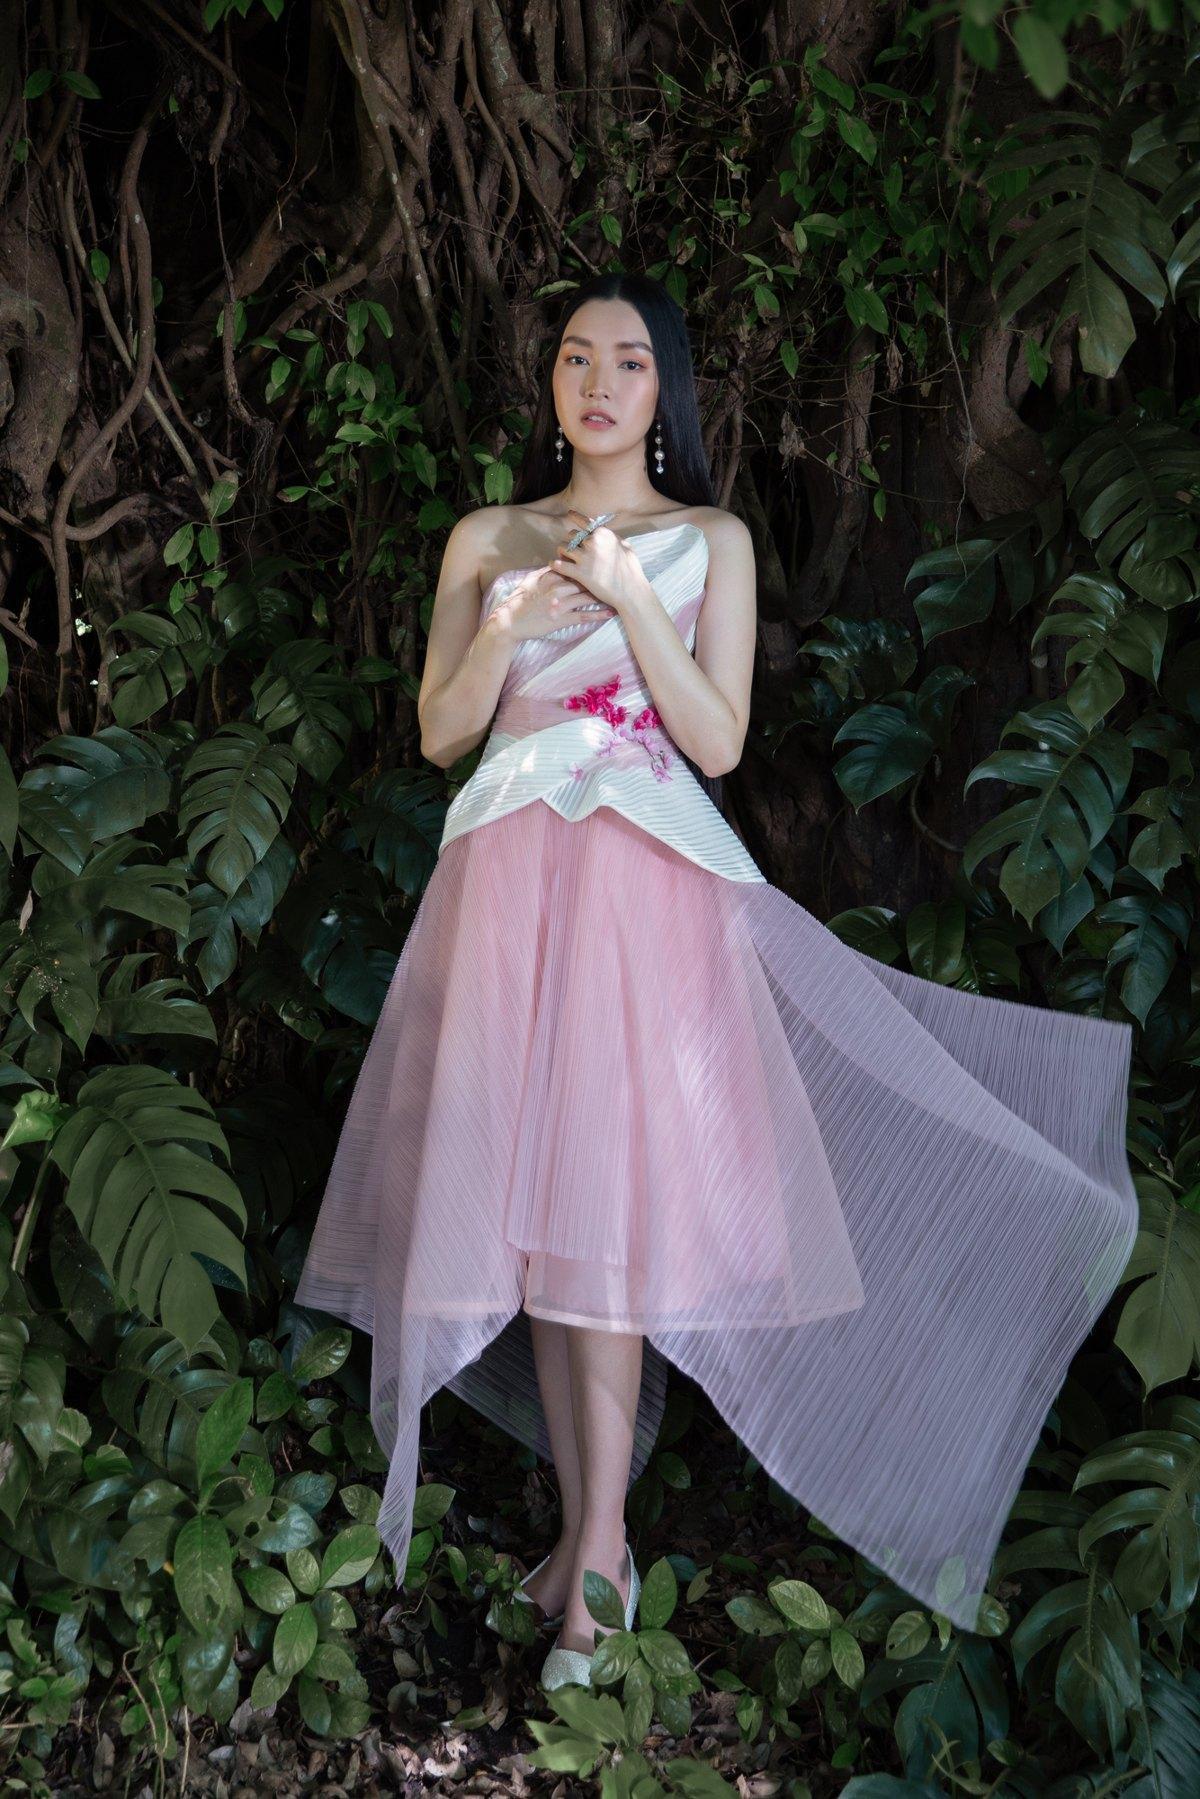 'Nàng thơ xứ Huế' Ngọc Trân cuốn hút với nét mơ màng trong loạt váy áo e ấp Ảnh 9